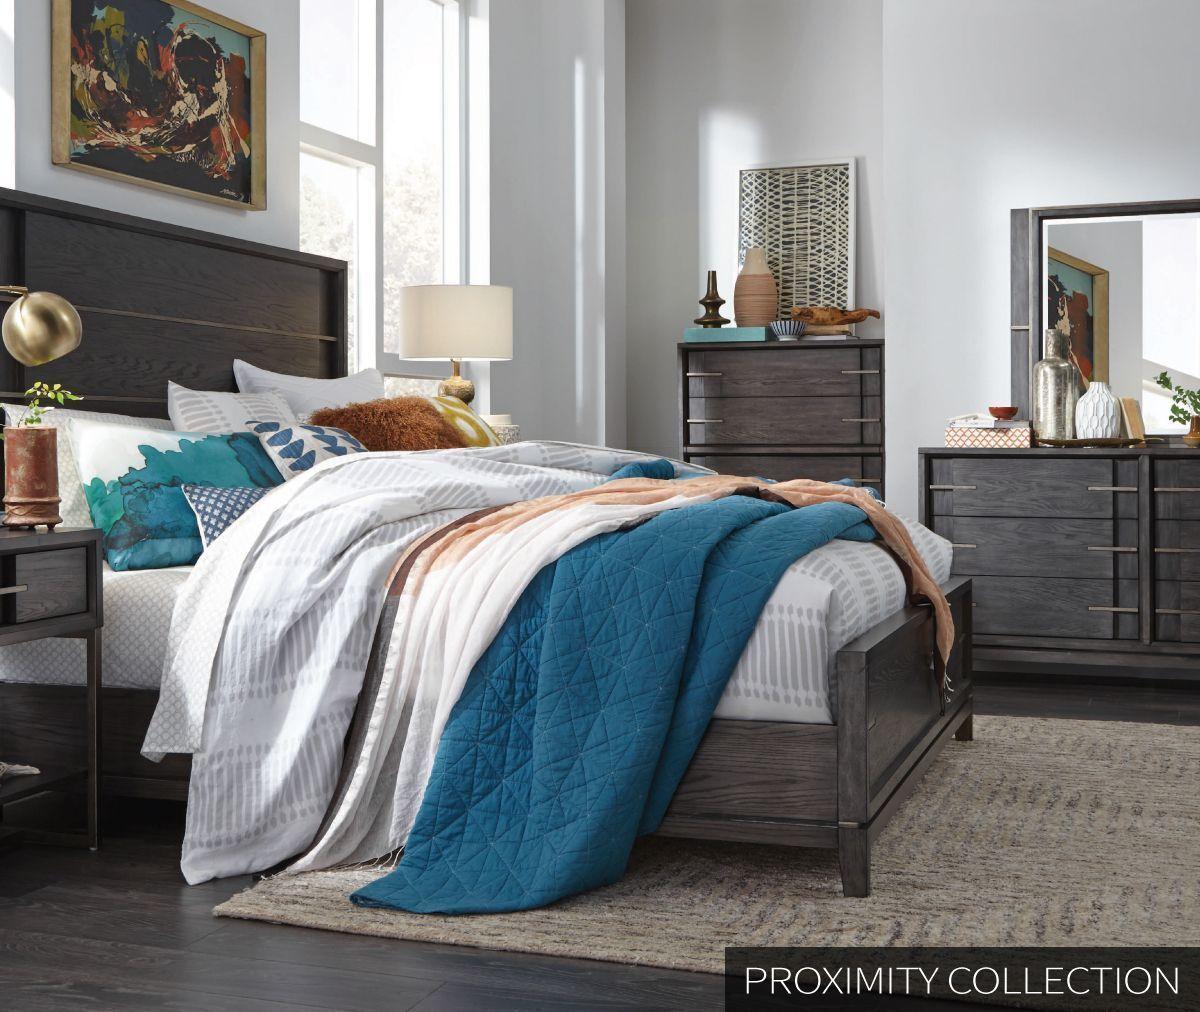 30 Best Image of Furniture For Bedroom . Furniture For ...